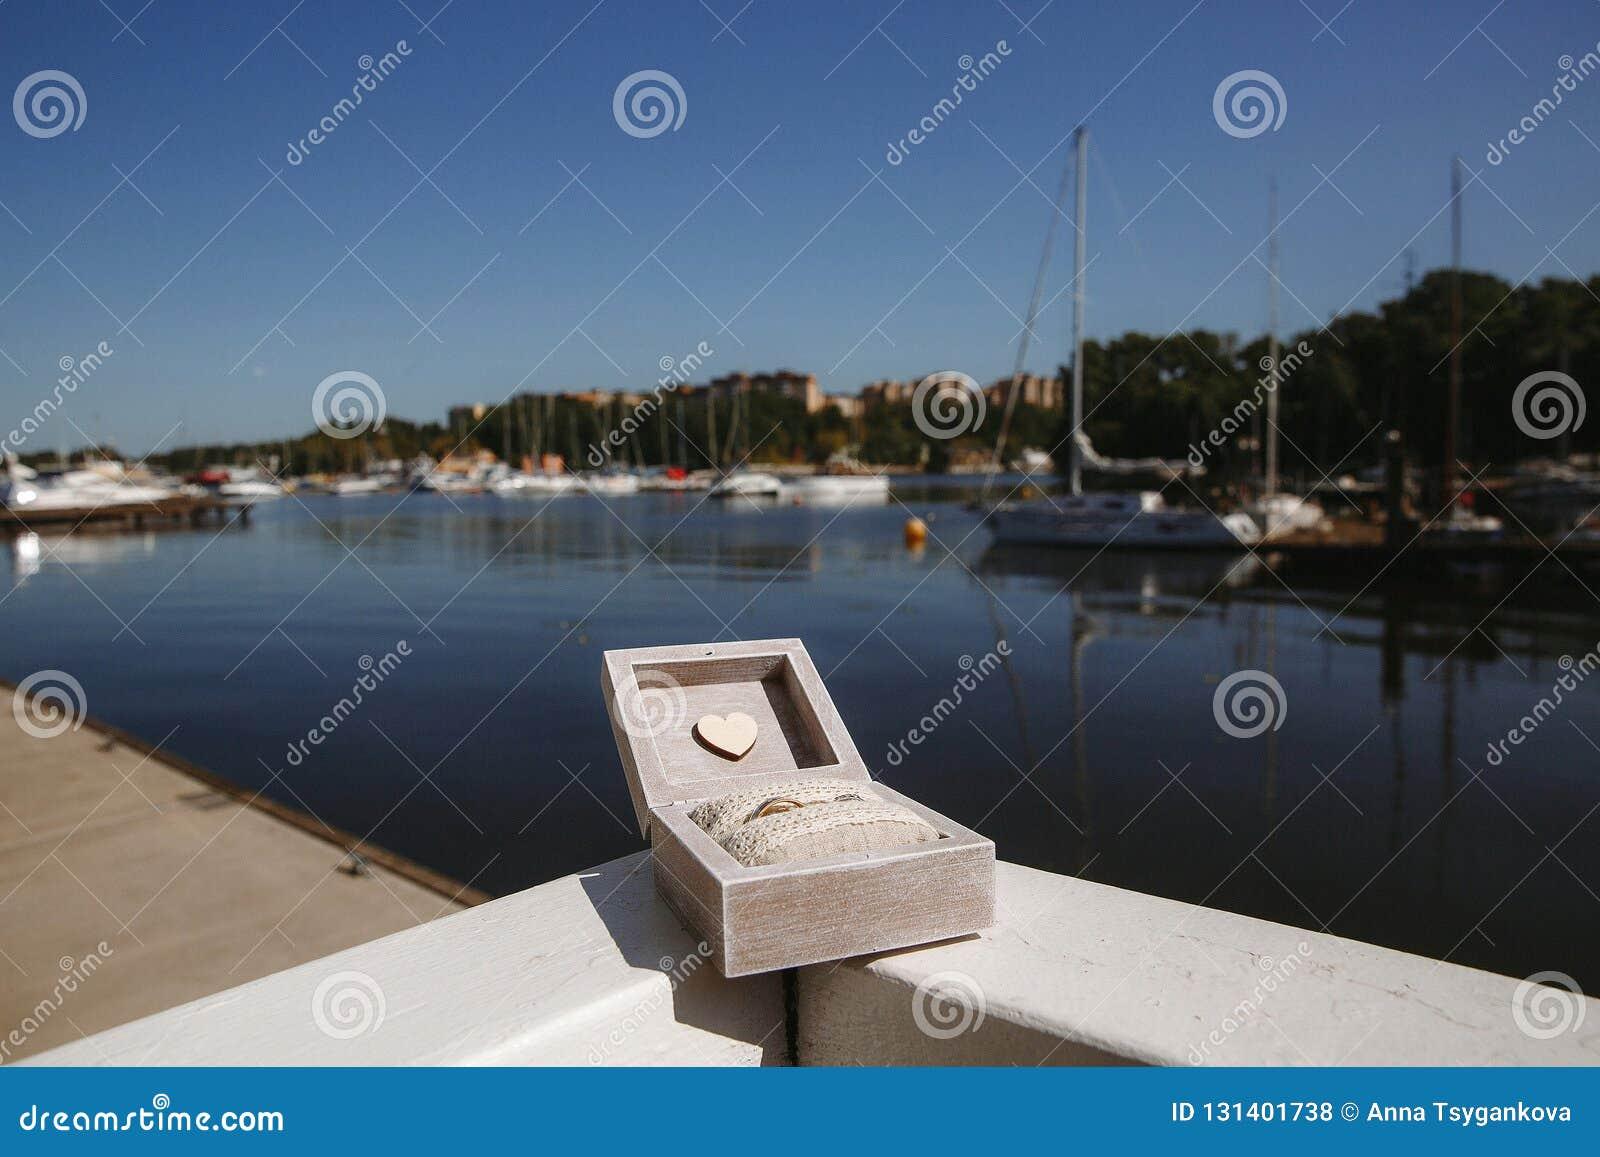 Obrączki ślubne w drewnianym pudełku na tle biali jachty w jachtu klubie